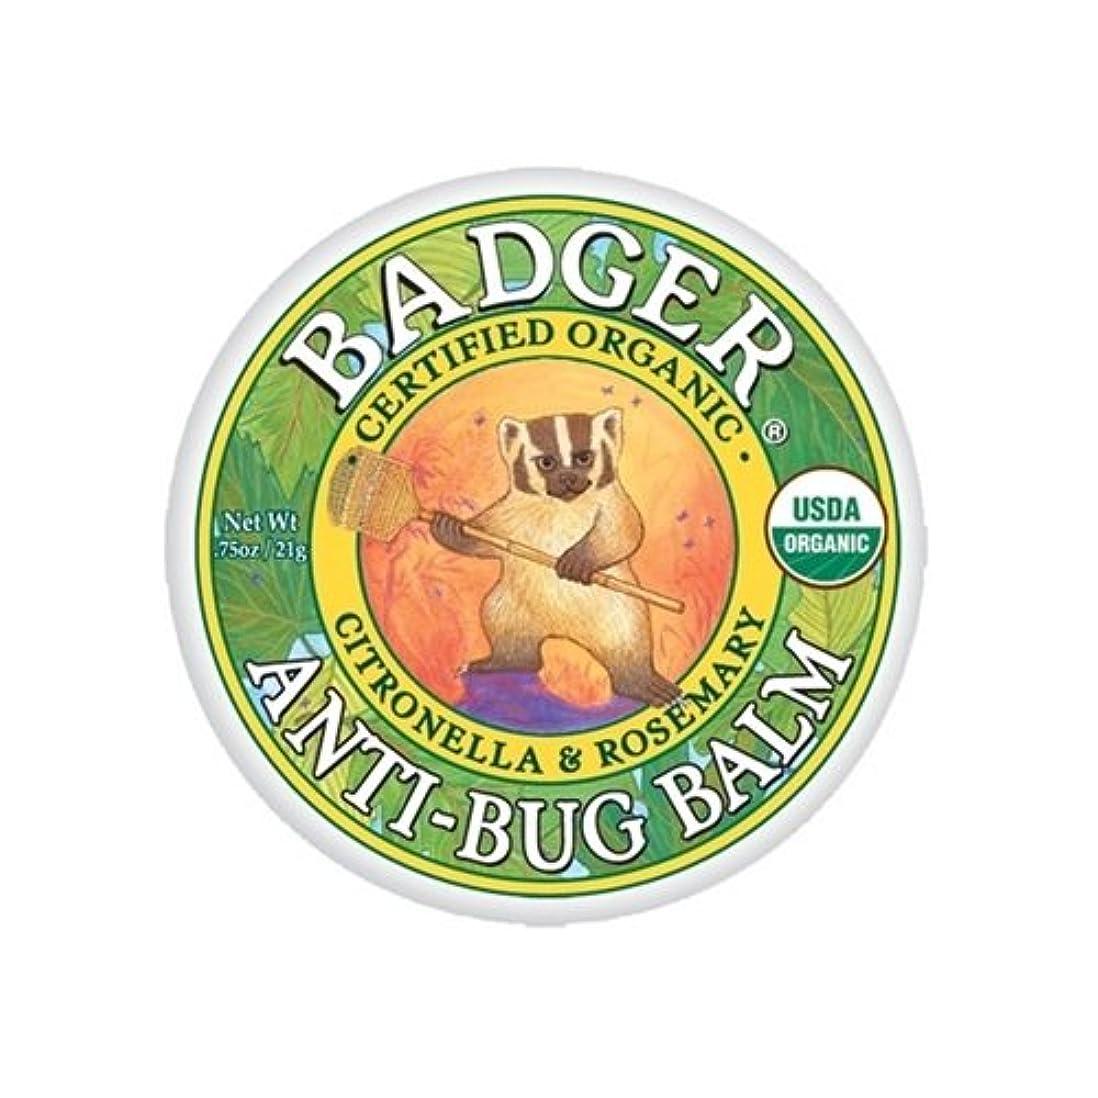 見習い味付け秋Badger バジャー オーガニック虫よけクリーム【小サイズ】 21g【海外直送品】【並行輸入品】